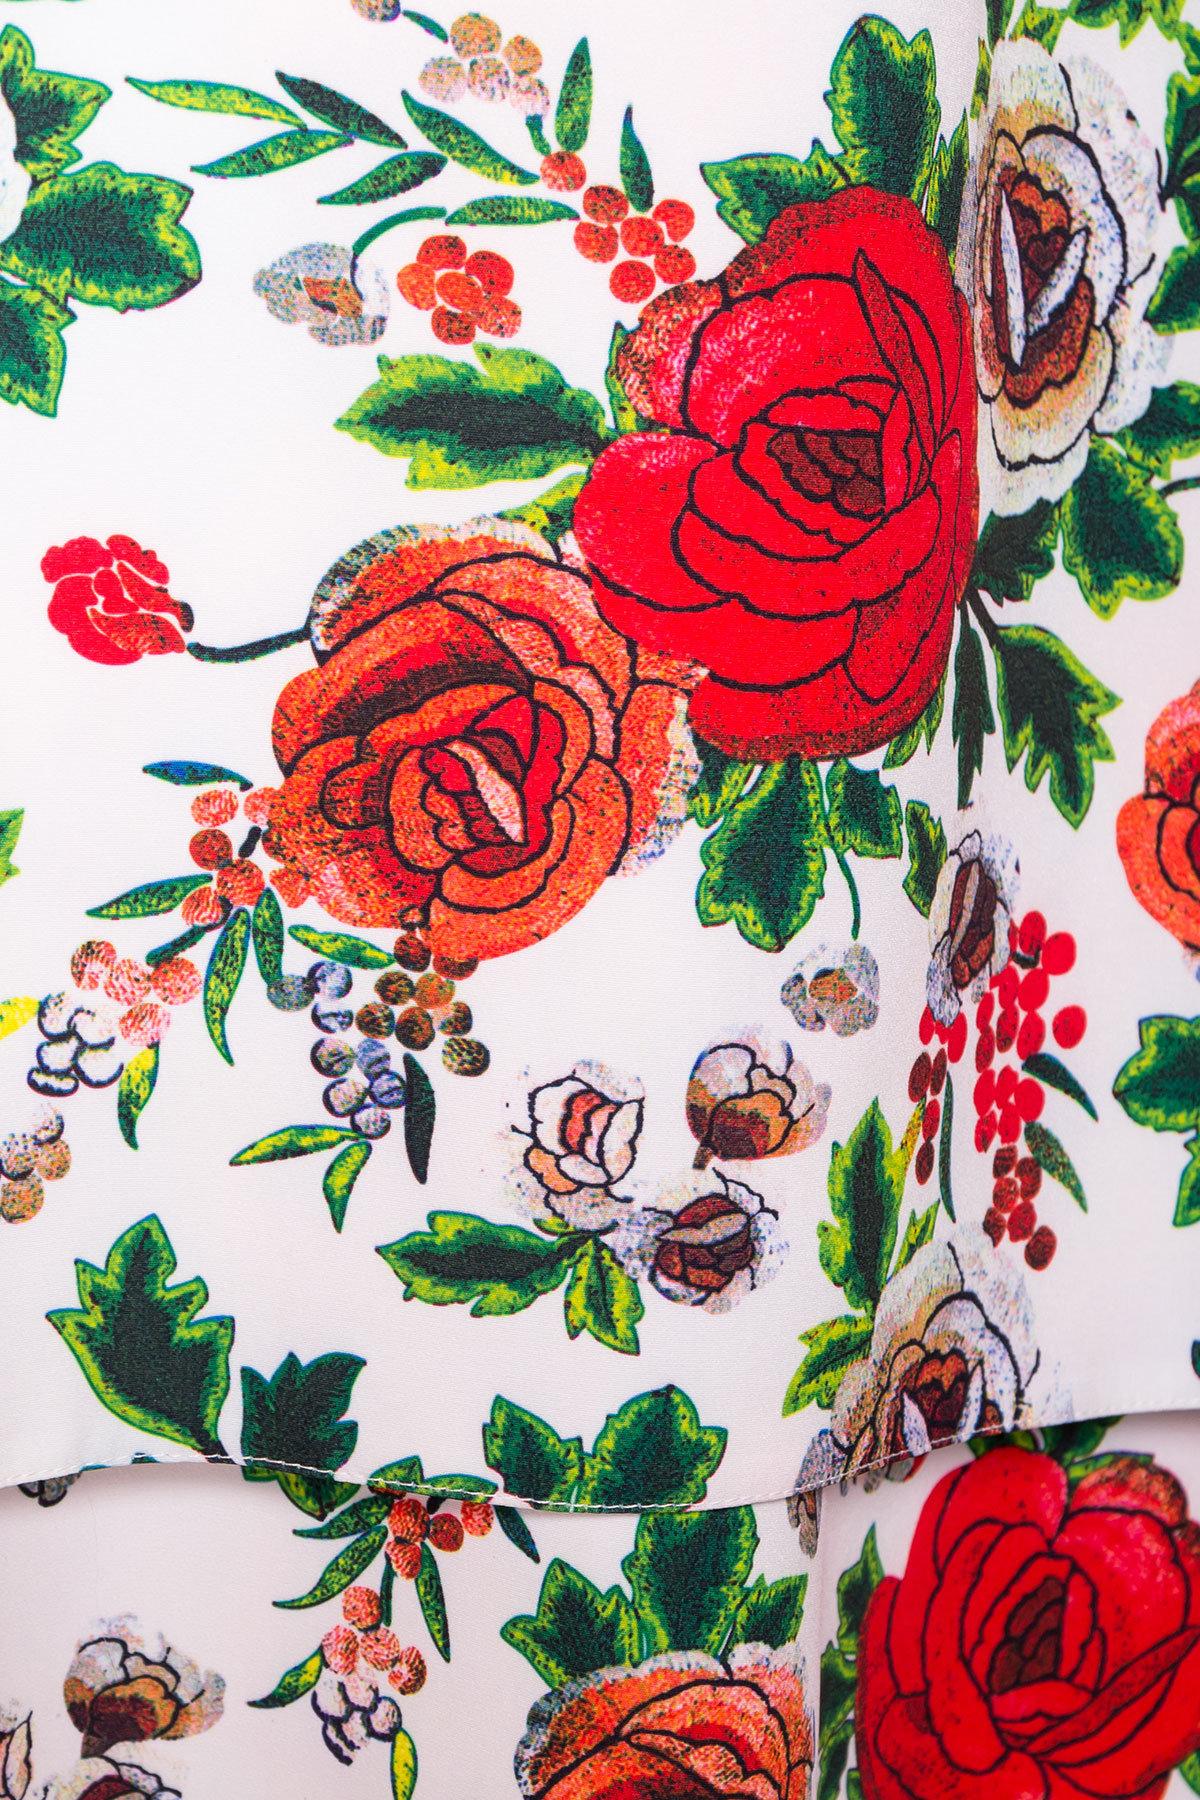 Платье Делафер DONNA 6885 АРТ. 42055 Цвет: Розы молоко/красный - фото 4, интернет магазин tm-modus.ru